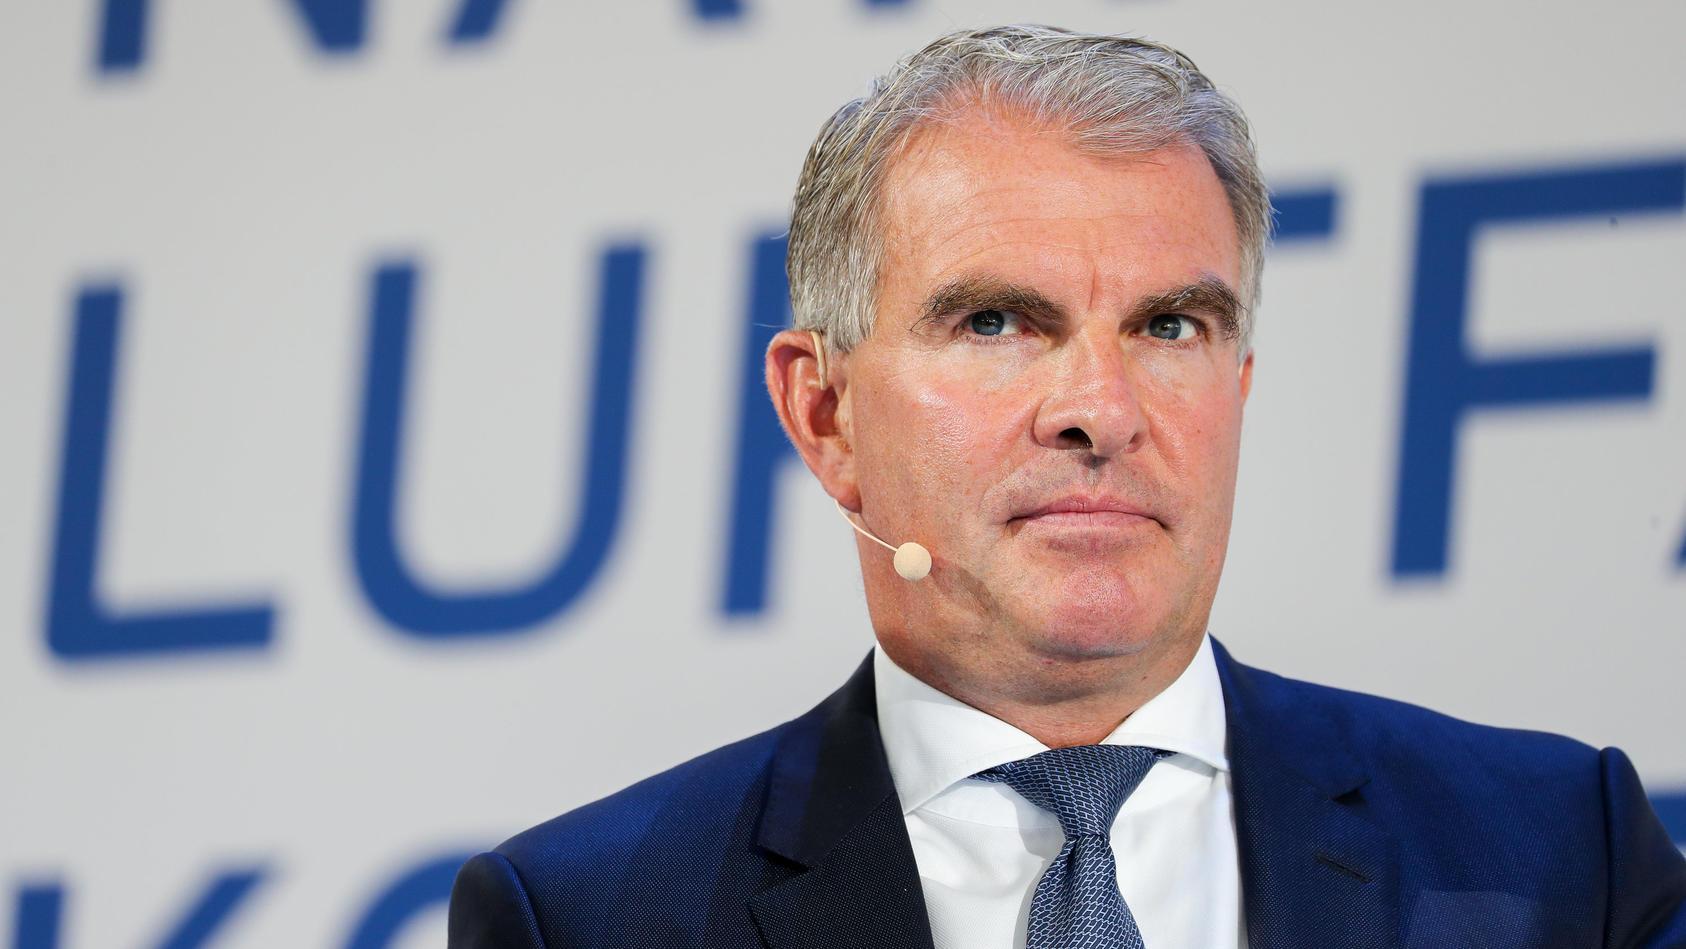 Lufthansachef Carsten Spohr